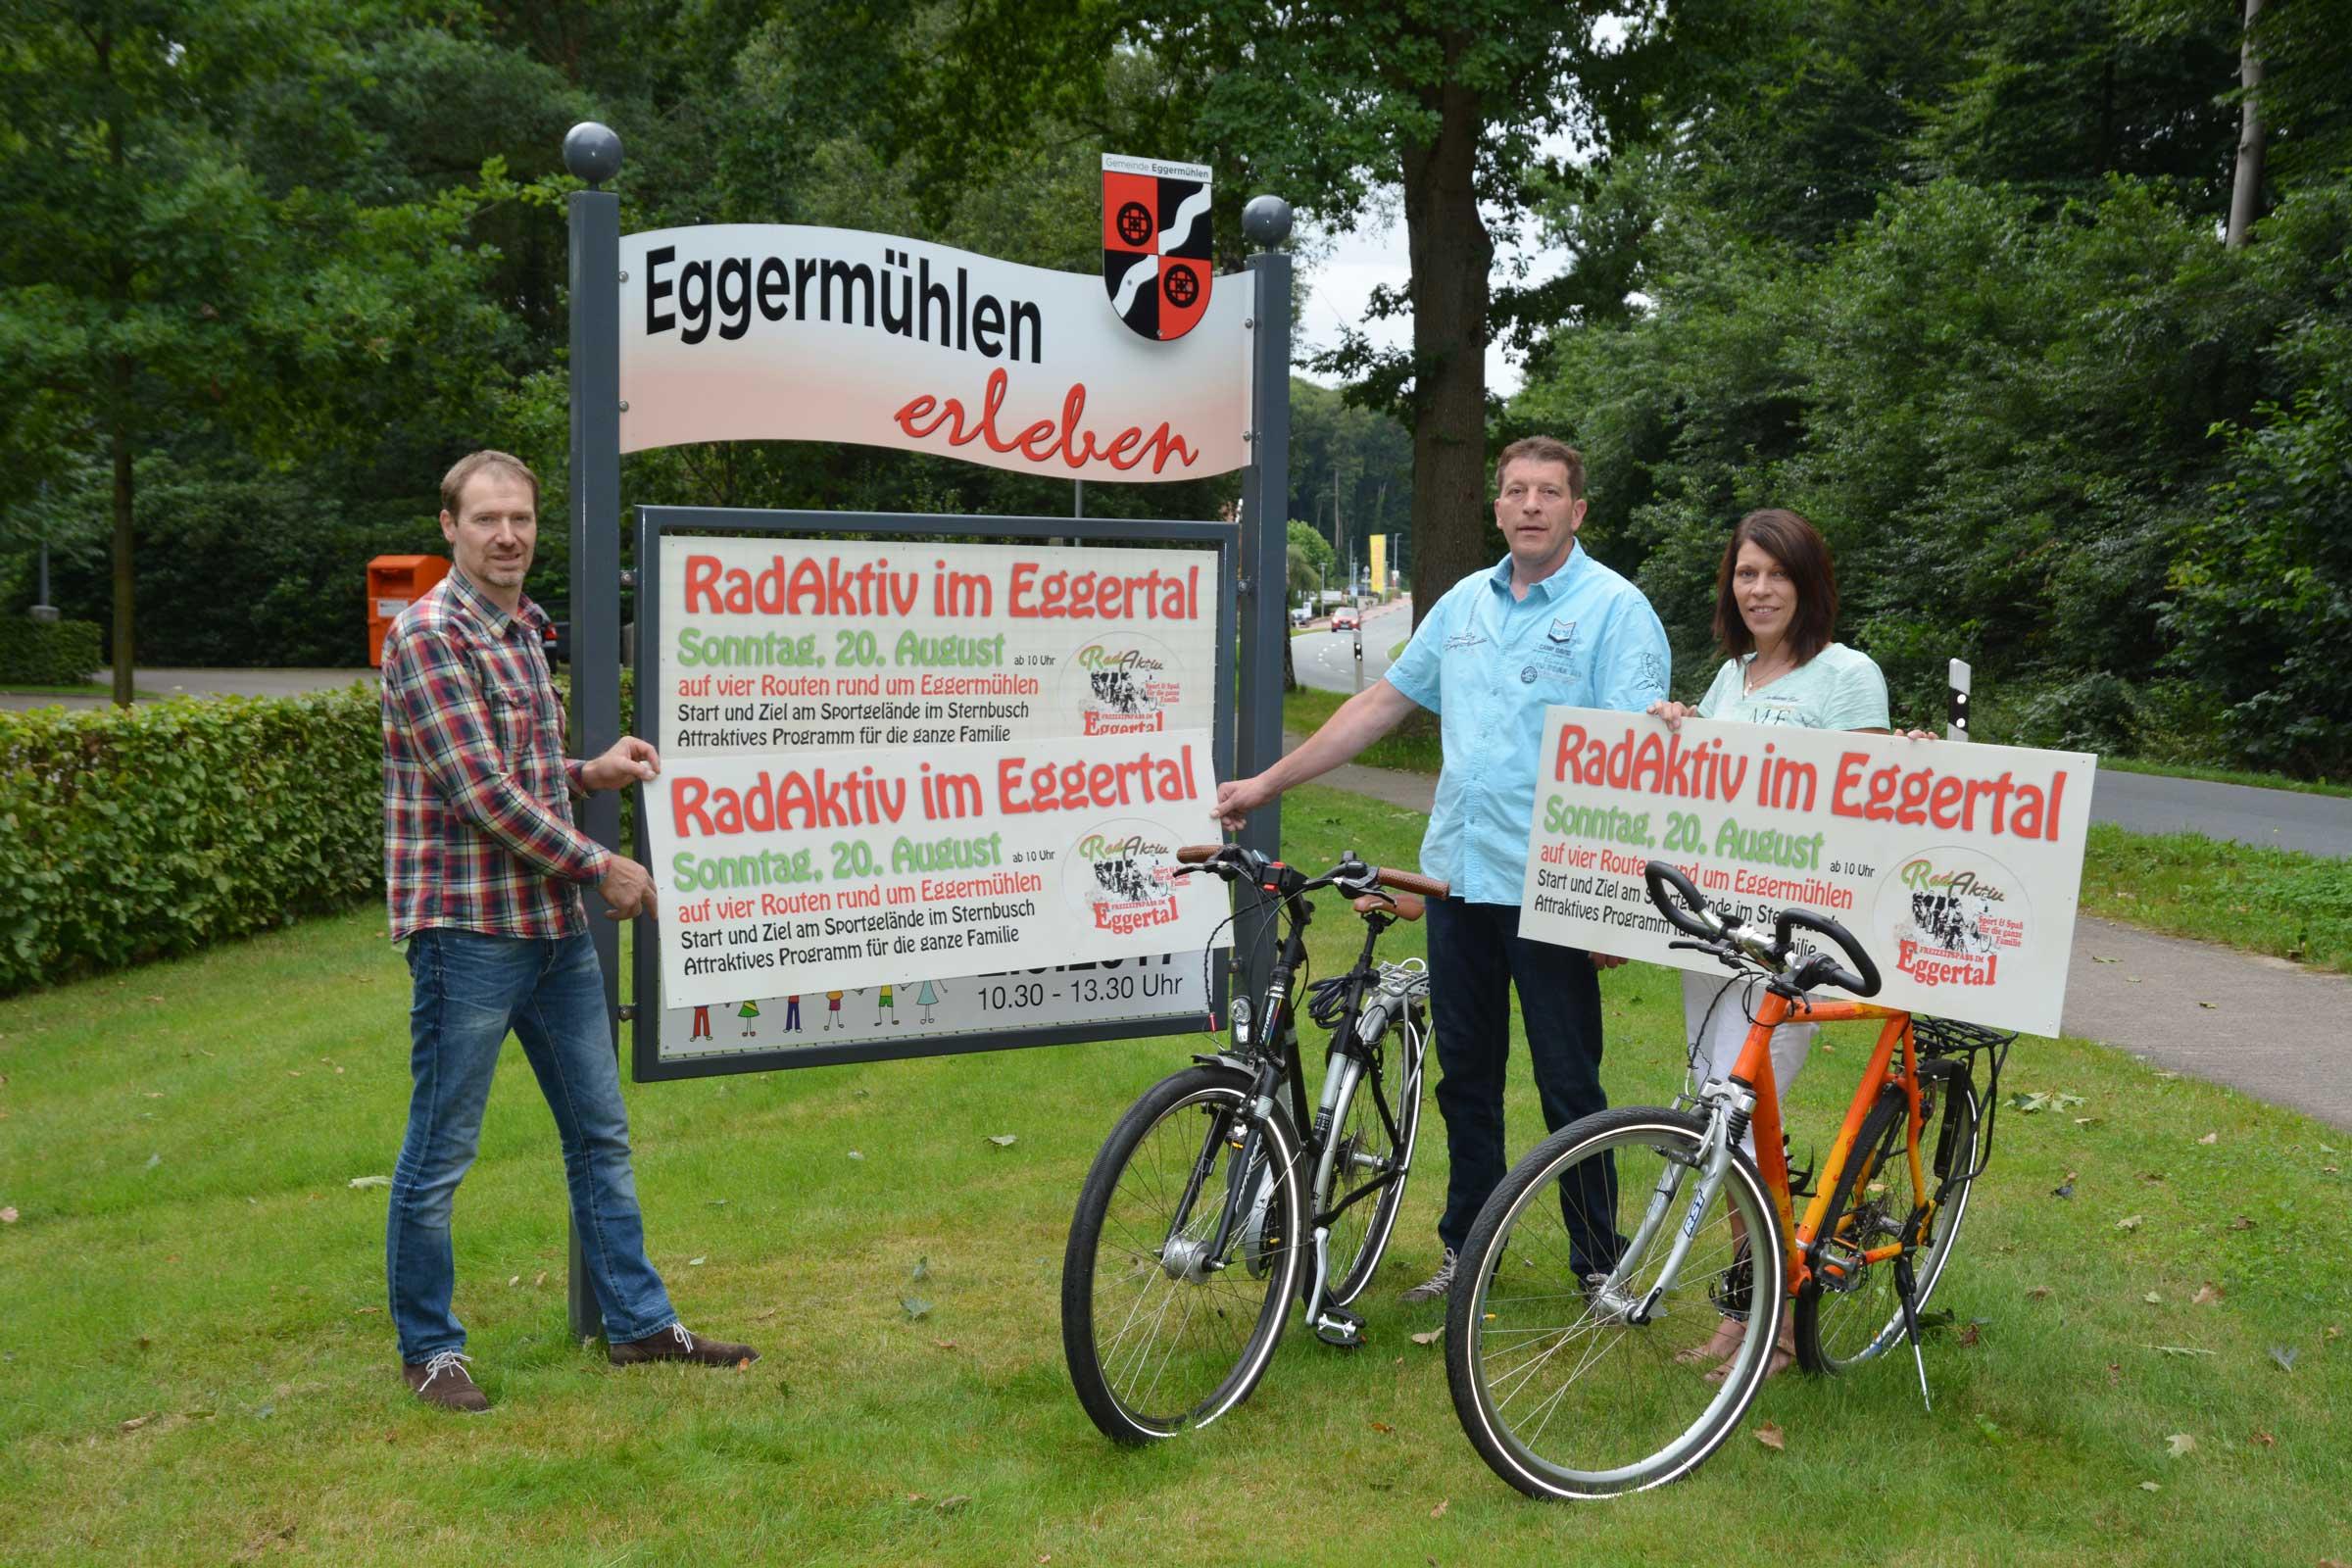 Ankündigungstafel installierten Bernd Hengehold, Ramona Ebler und Peter Schmitz an den Ortseingangstafeln in Eggermühlen. Fotos: Georg Geers